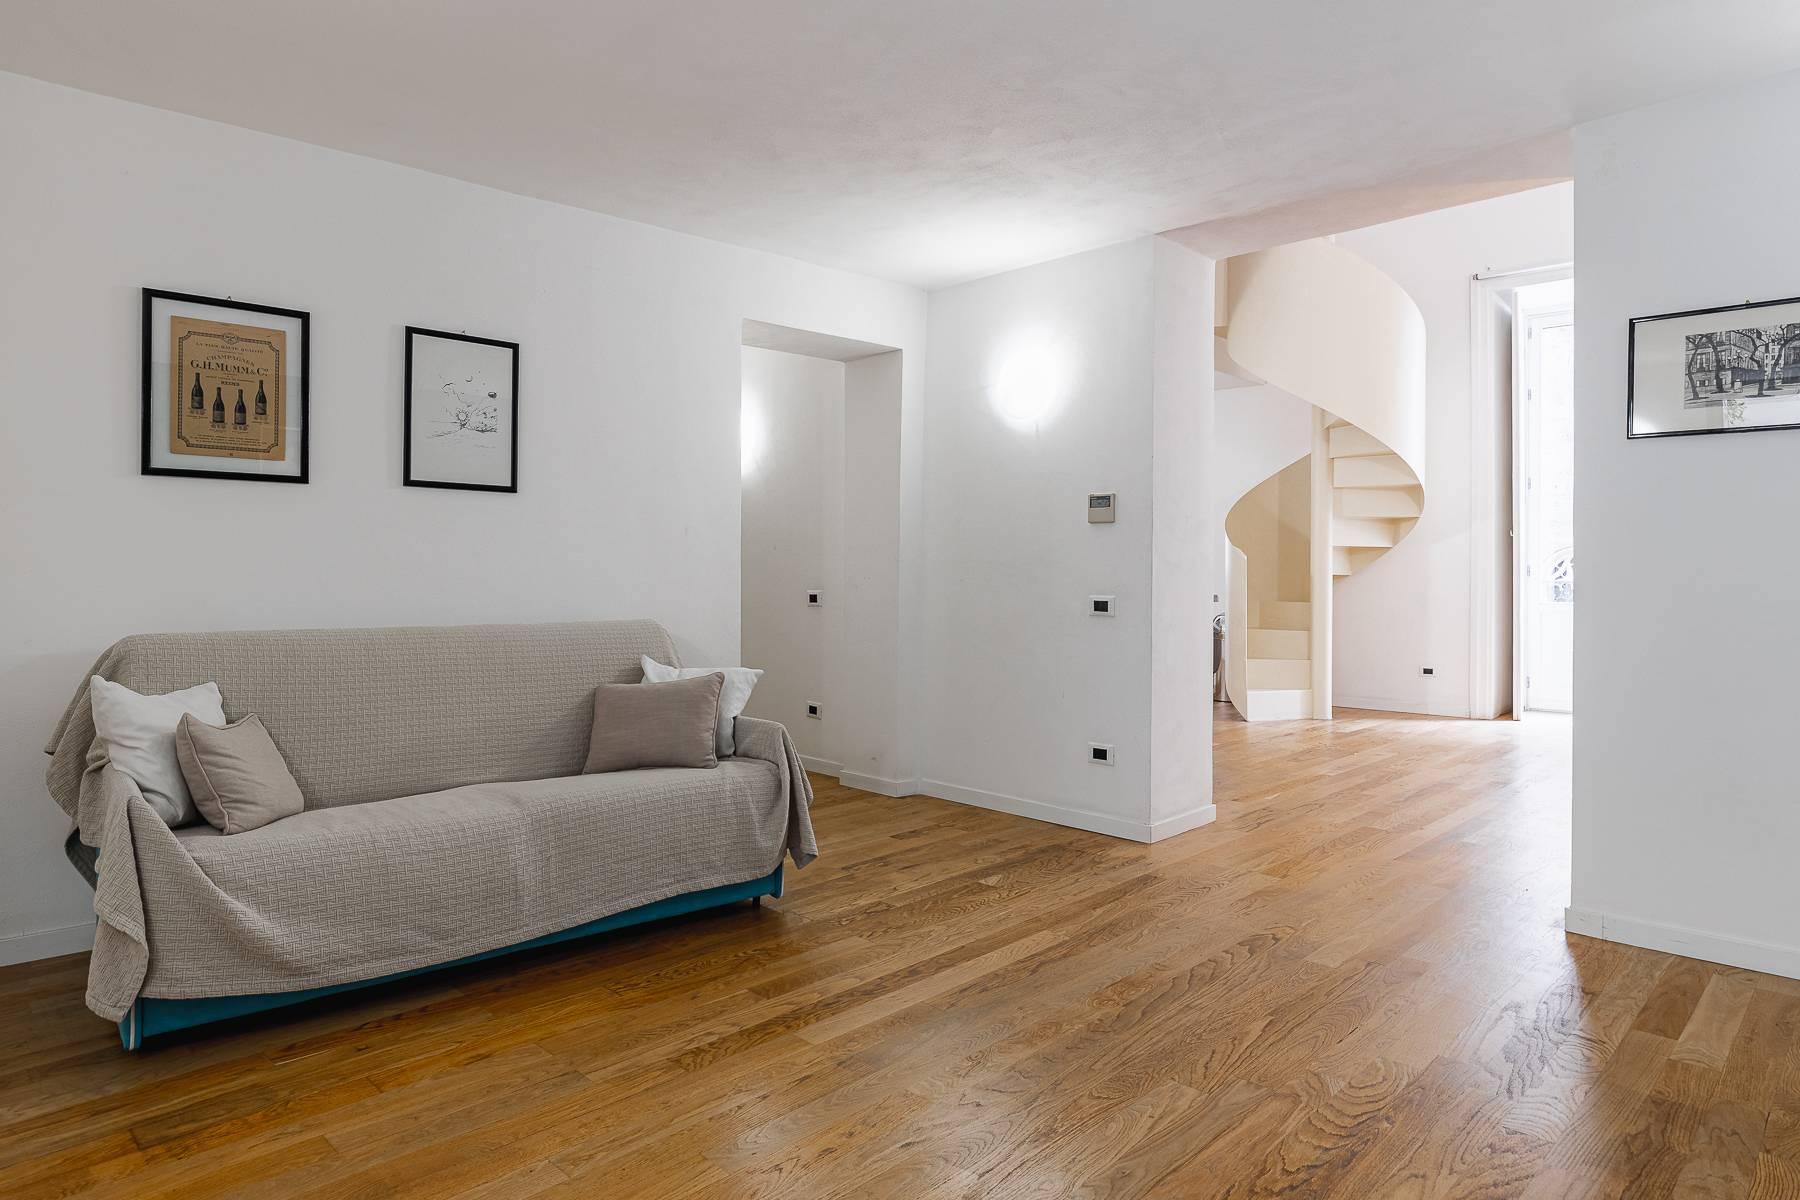 Appartement raffiné dans le centre historique de Palerme - 2